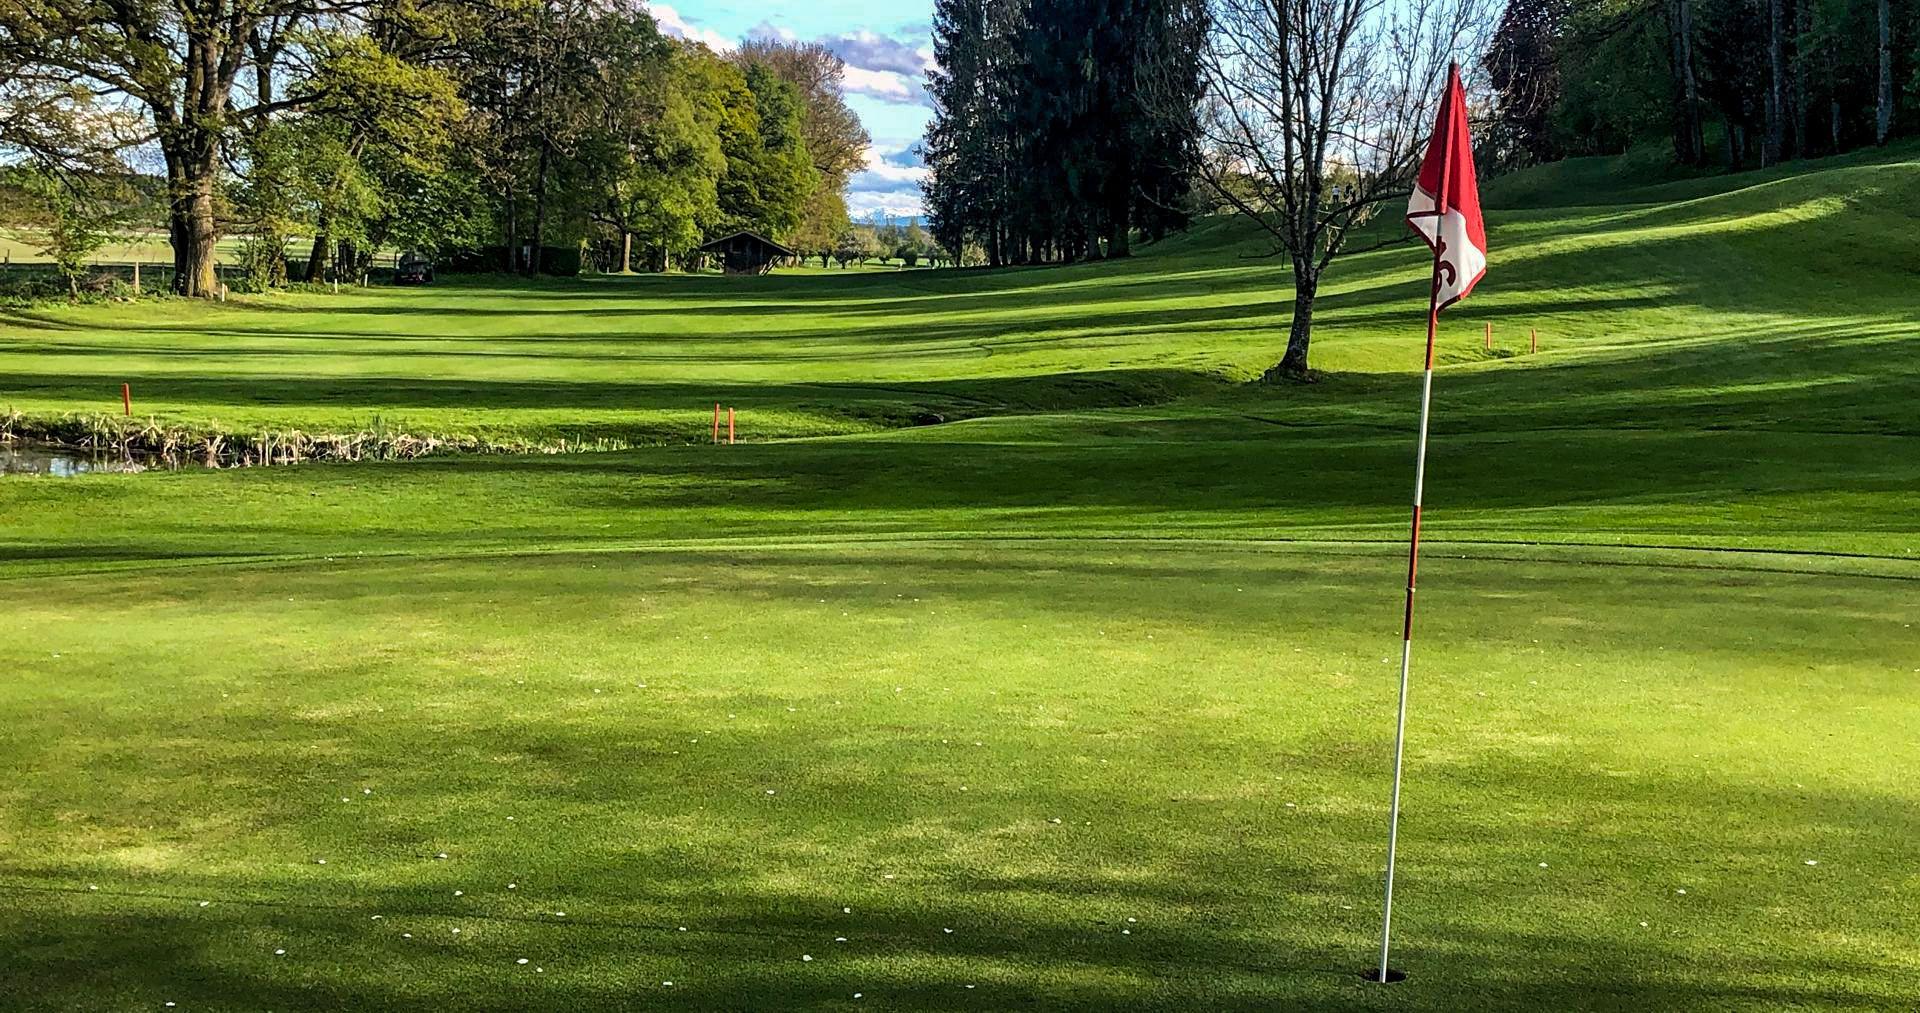 Golfclub Schloss Igling - Golf ohne Startzeiten nur 30 Minuten westlich von München